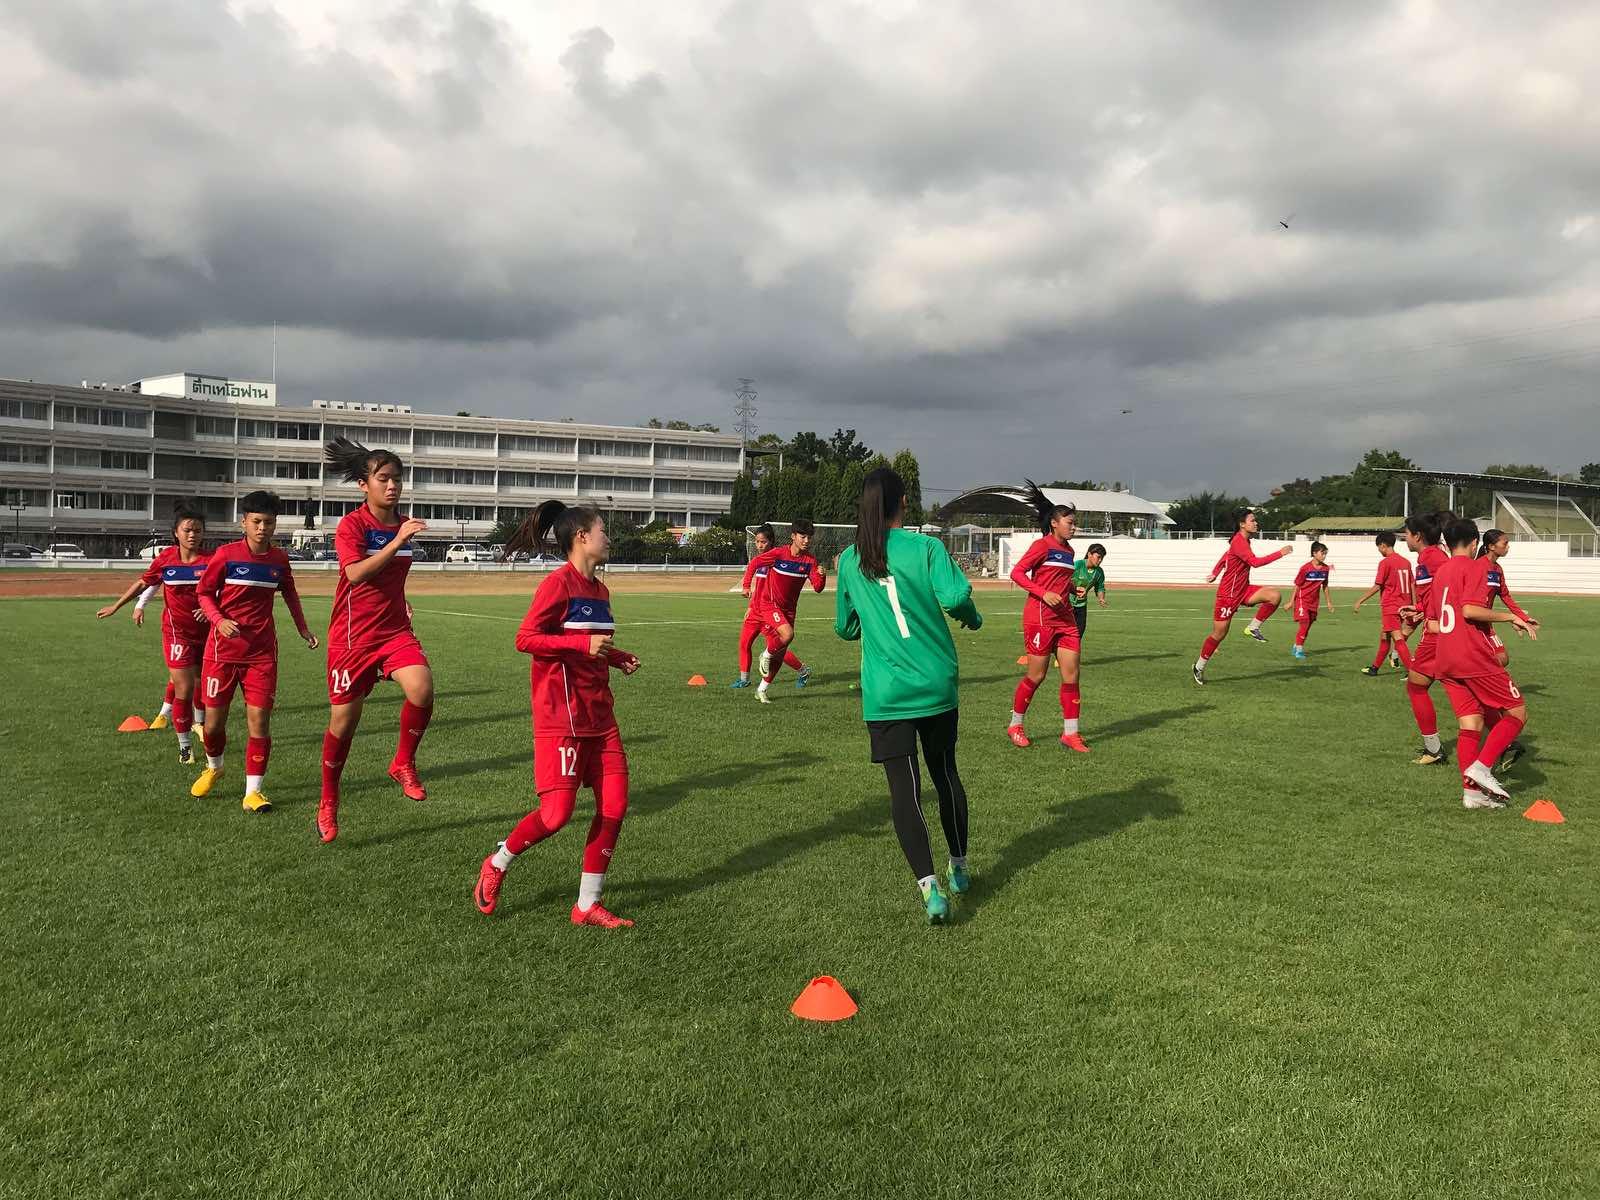 VCK U16 nữ châu Á 2019: U16 Việt Nam trước trận gặp U16 Trung Quốc dù chưa có điểm nhưng vẫn tự tin